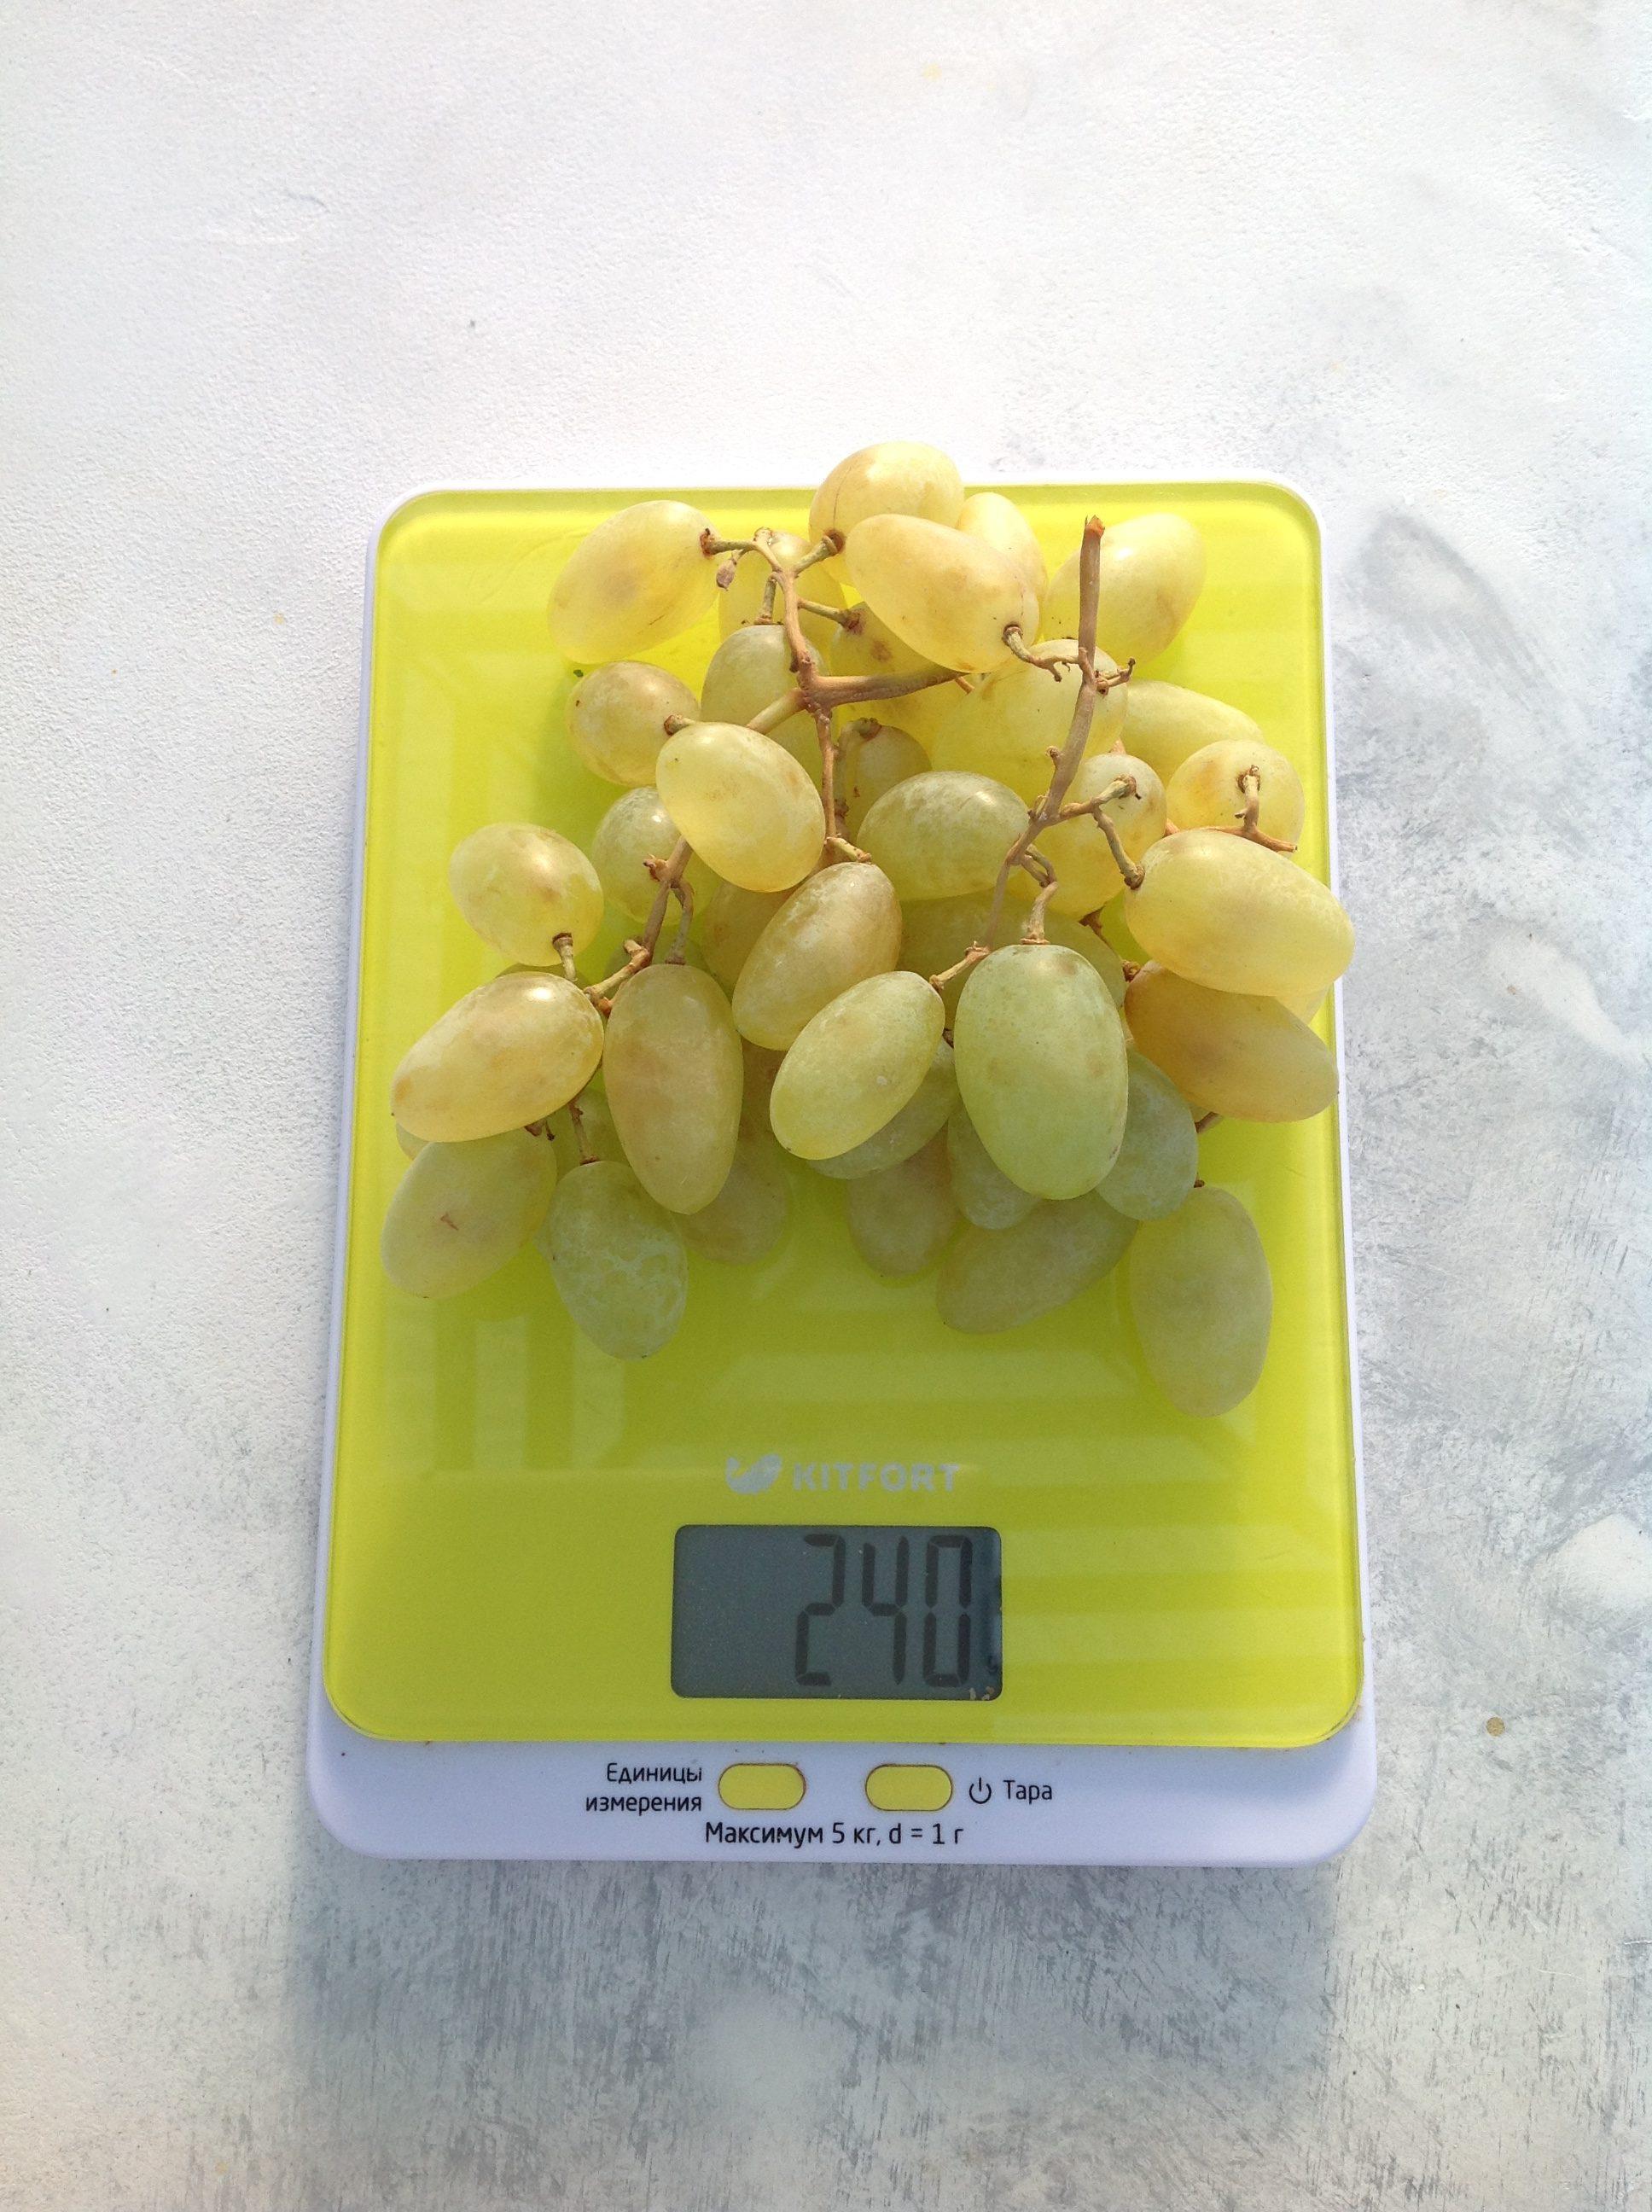 вес средней ветки белого винограда